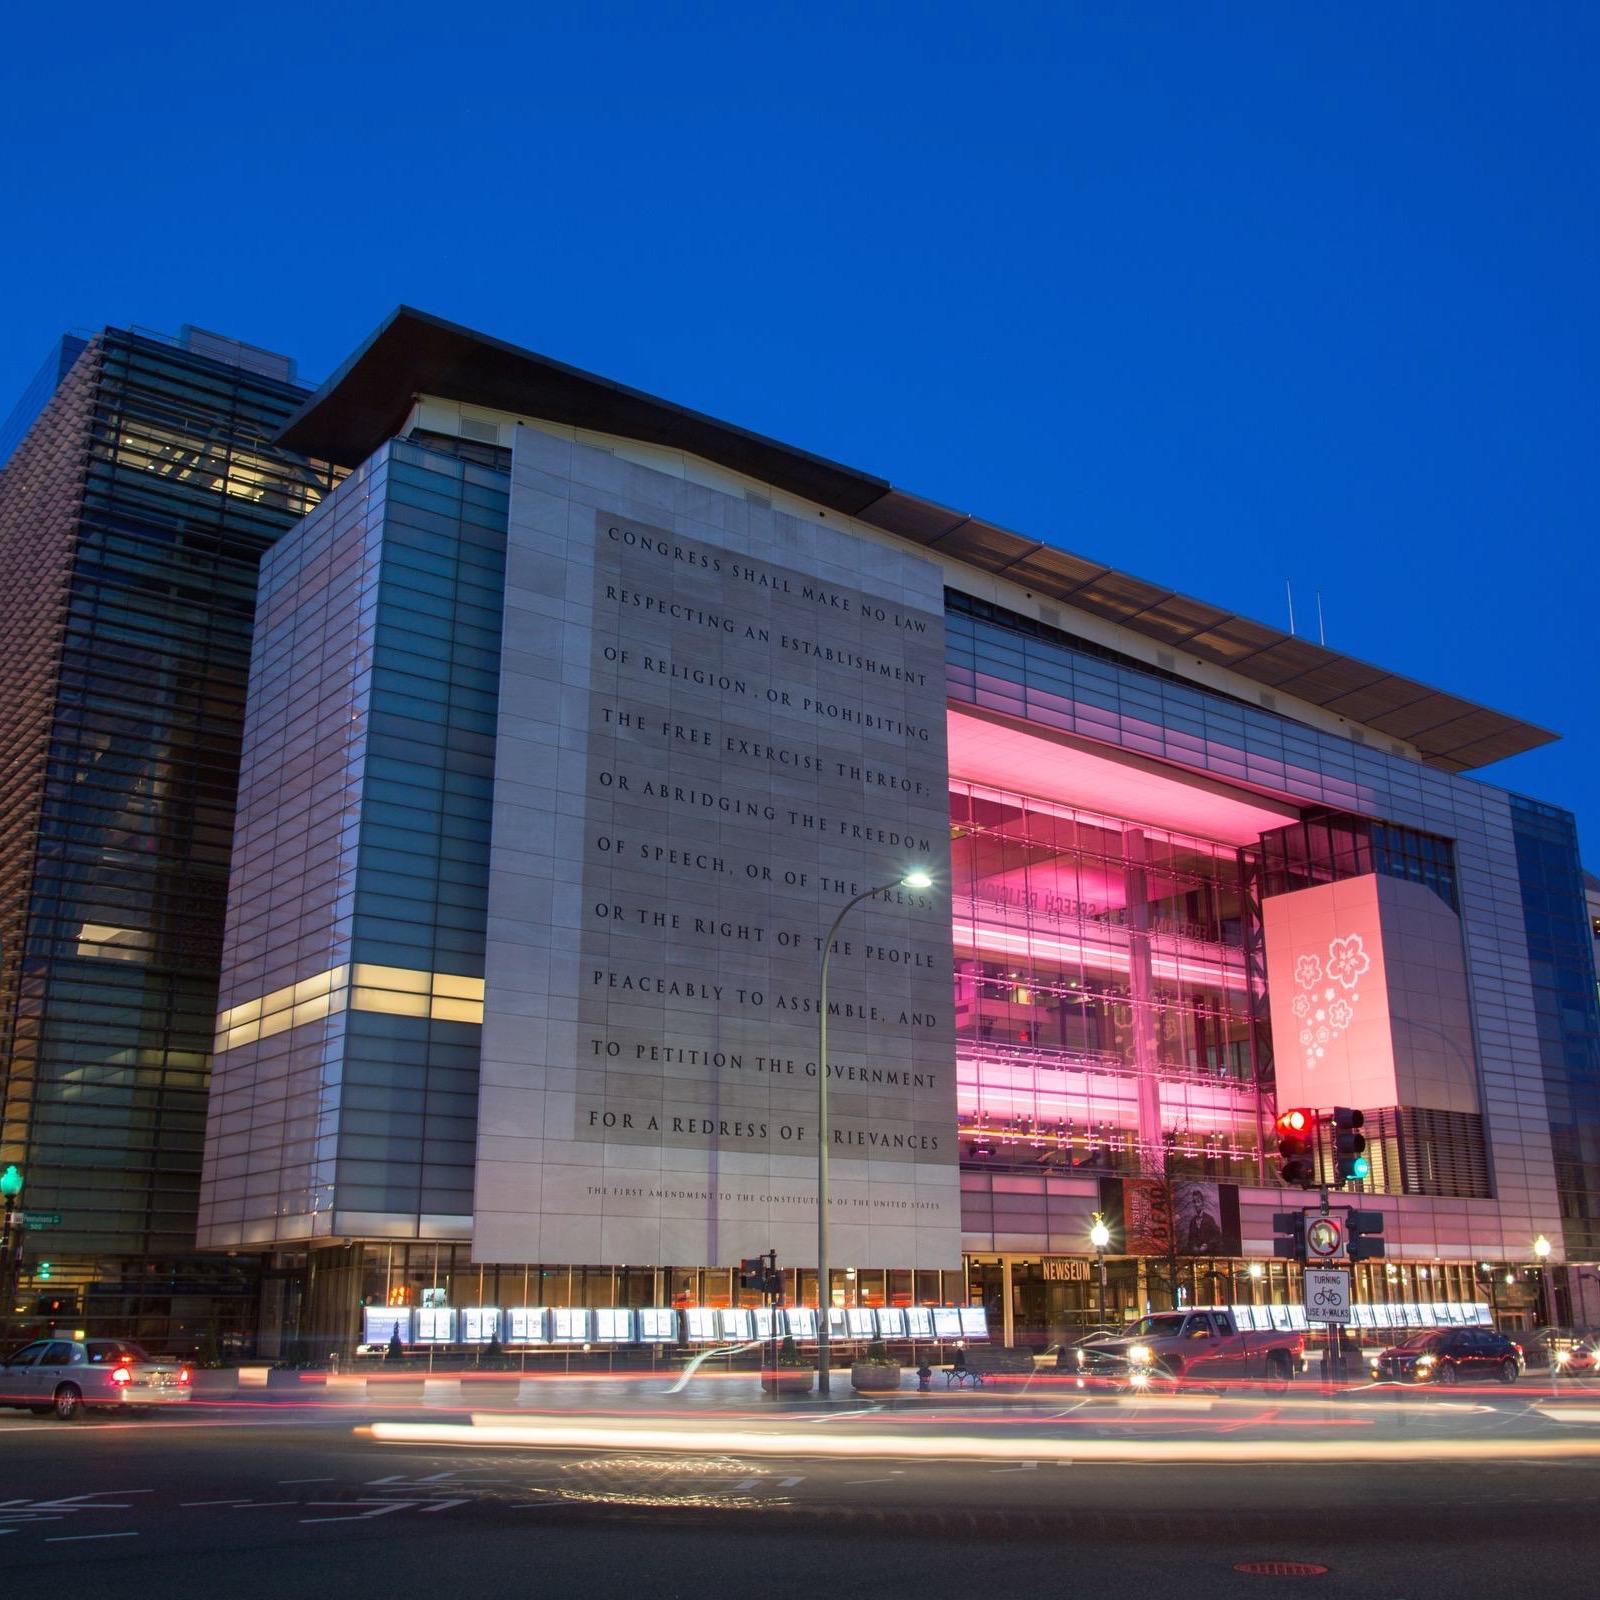 NEWSEUM Washington, DC